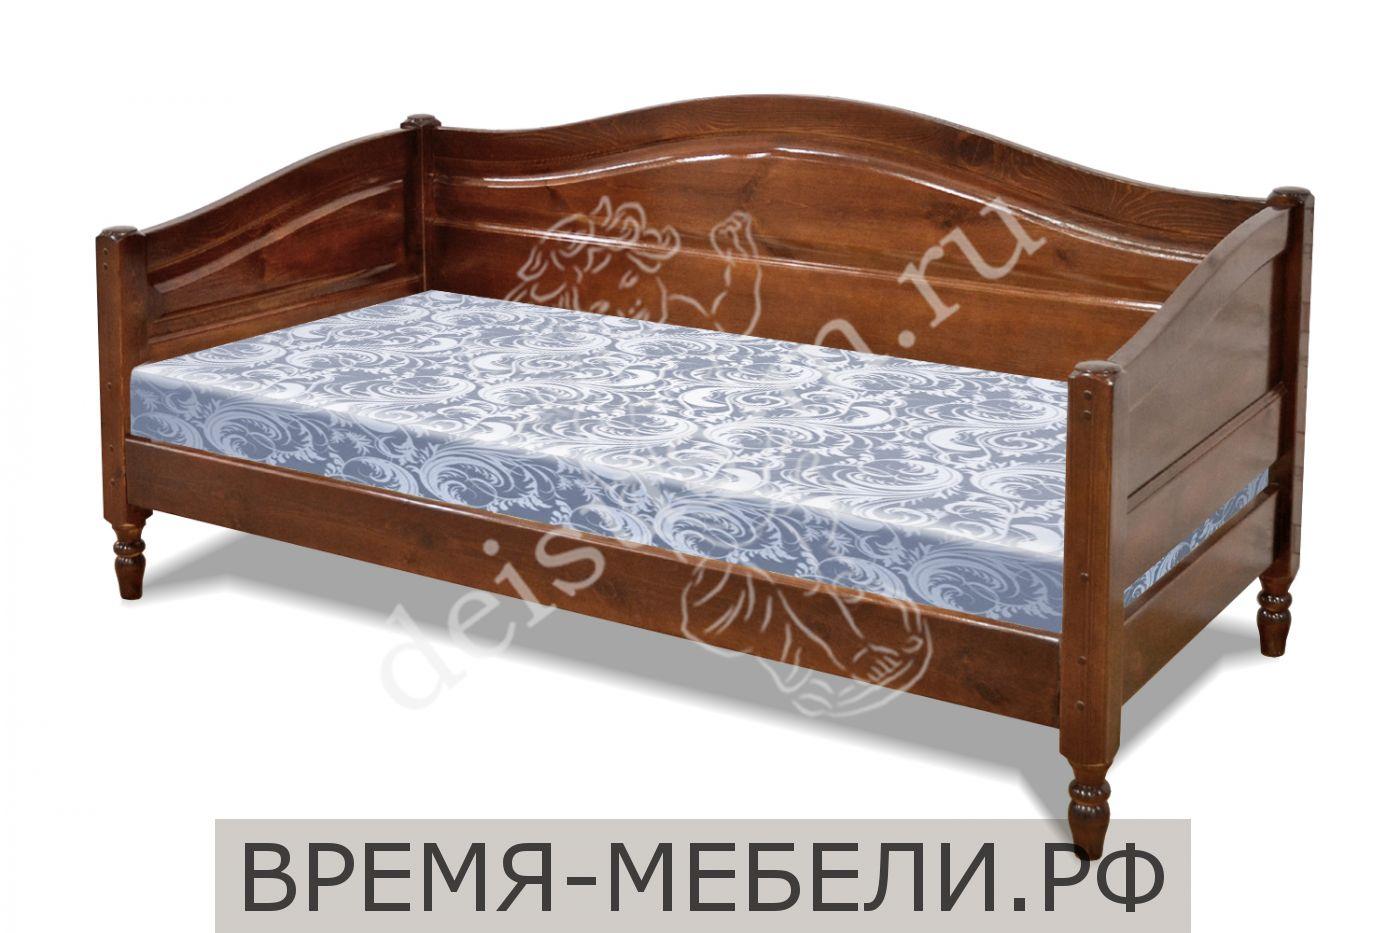 Кровать Берта-М 3 спинки